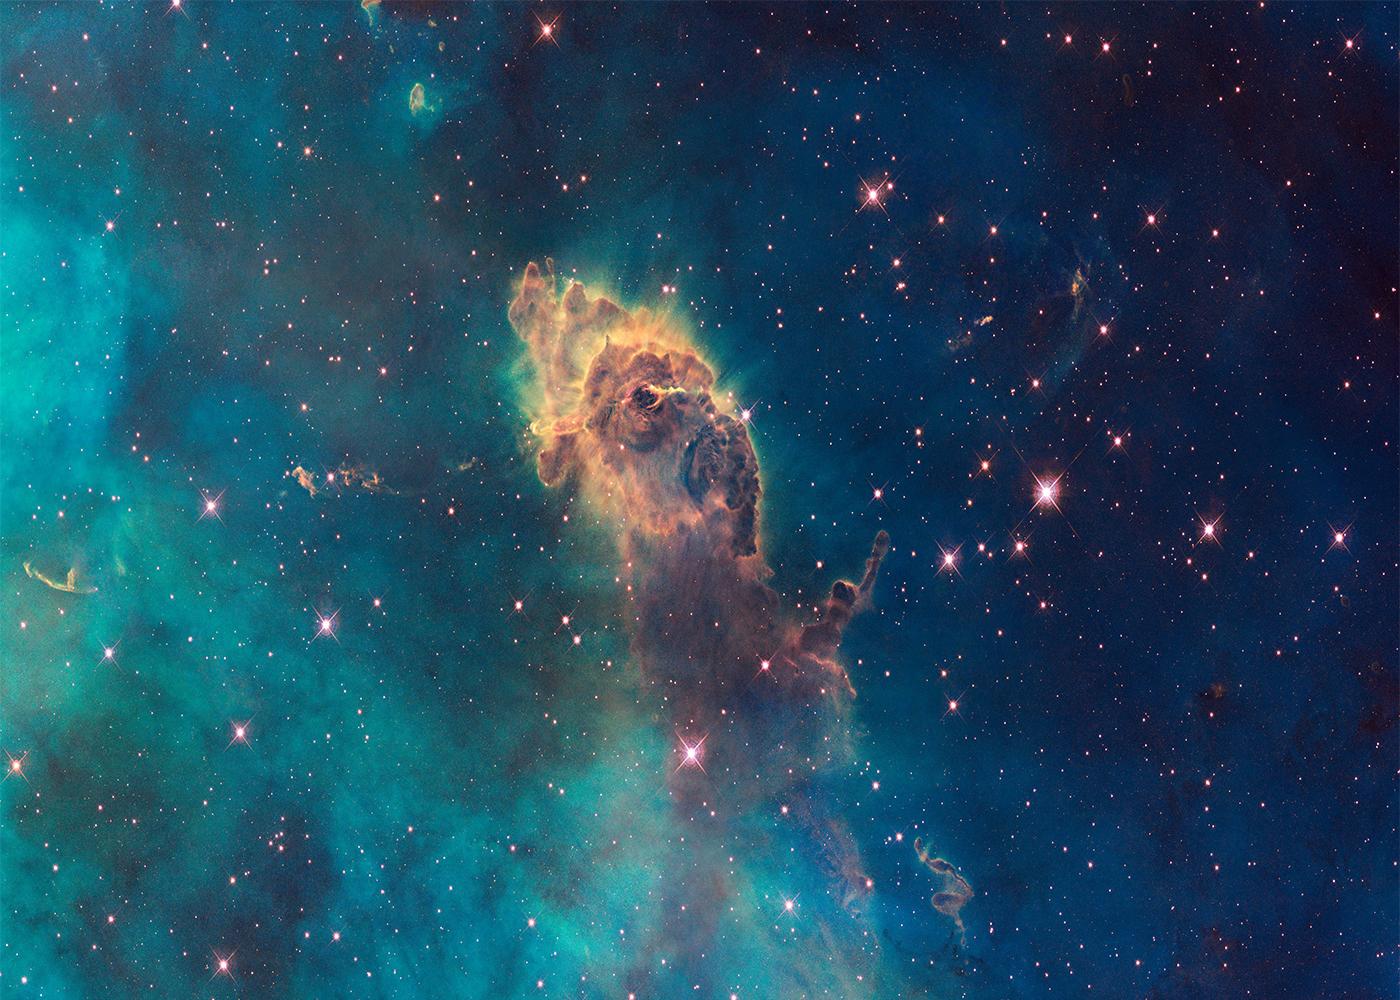 Papel De Parede 3d Universo M 0013 No Elo7 Paredes Decoradas  -> Imagens Do Universo Para Papel De Parede